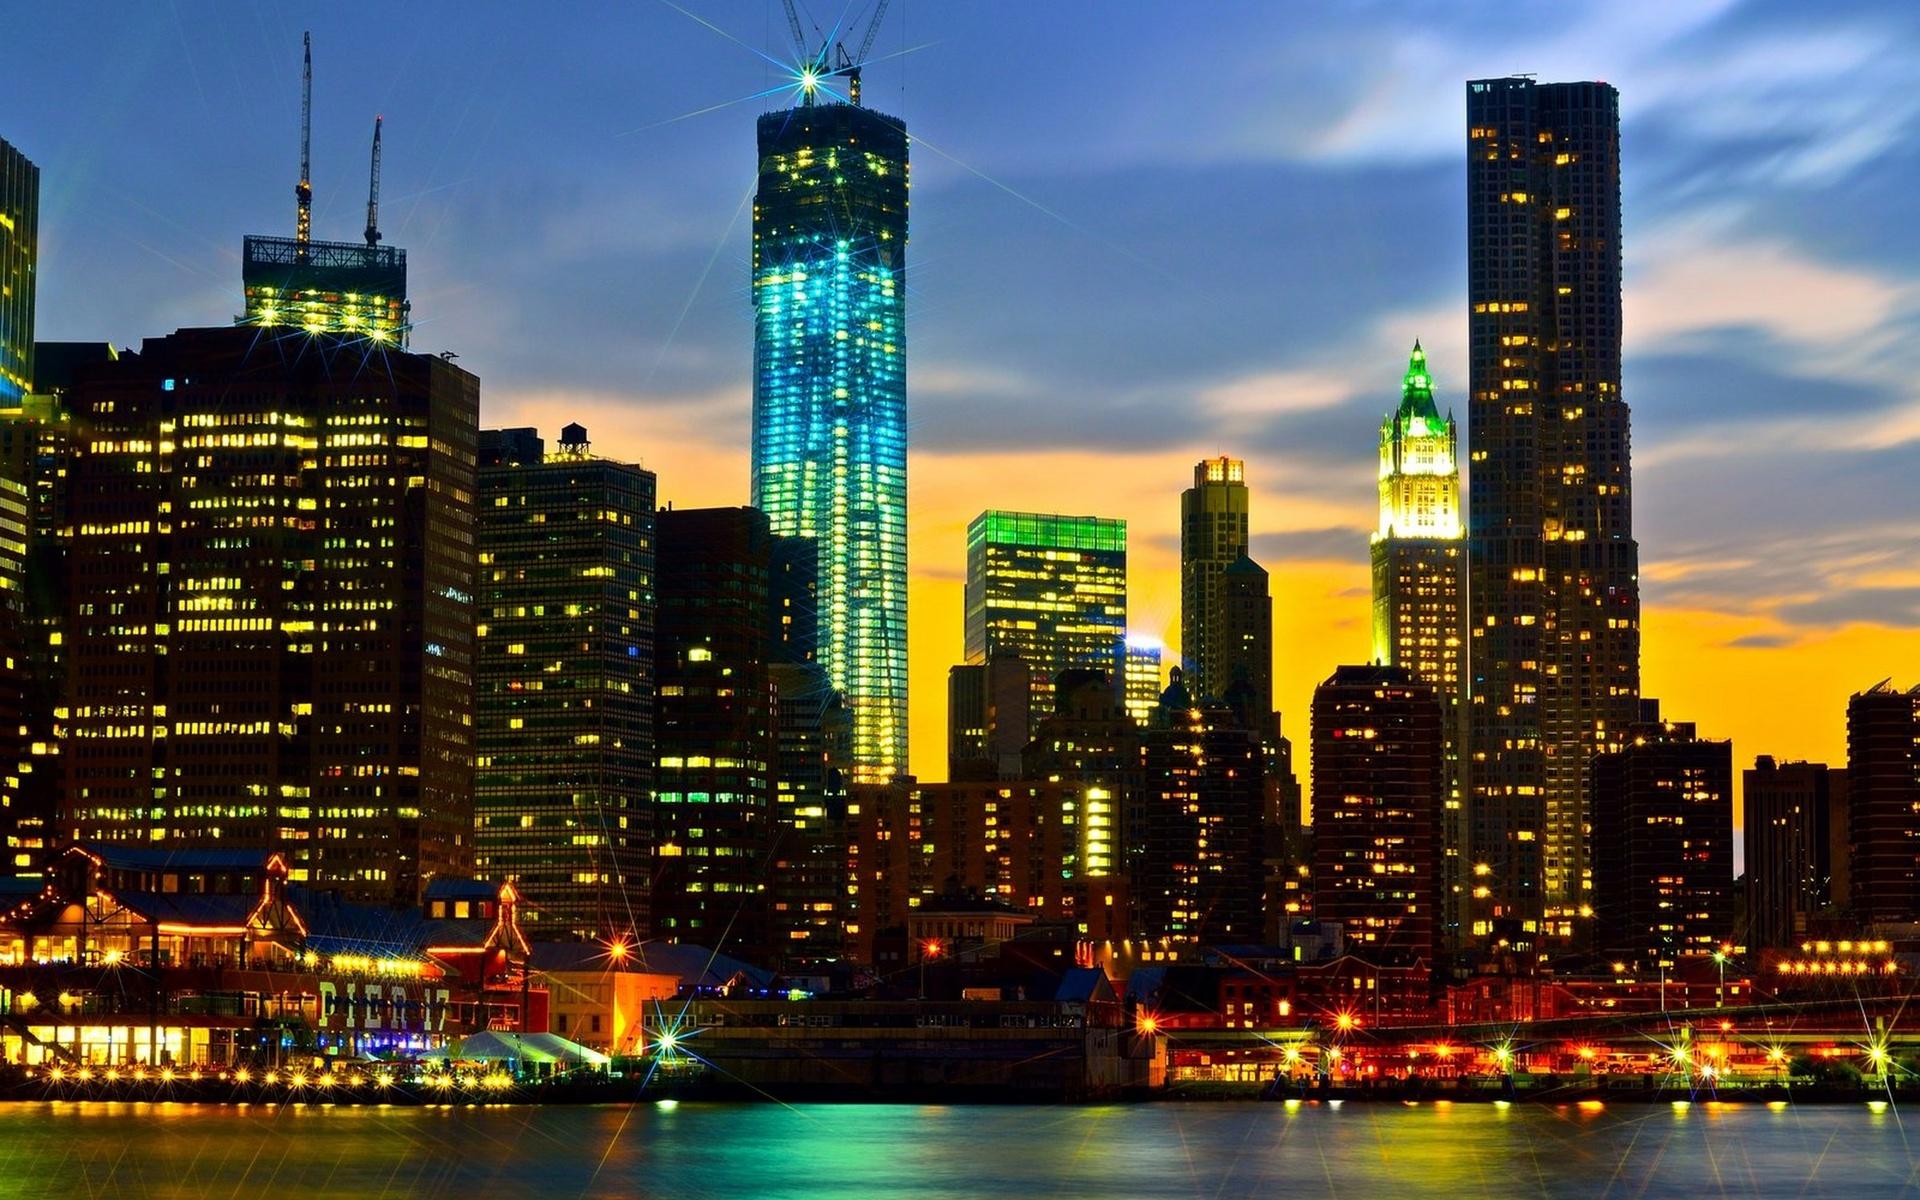 City night lights d wallpaper 1920x1200 69905 - Night light city wallpaper ...